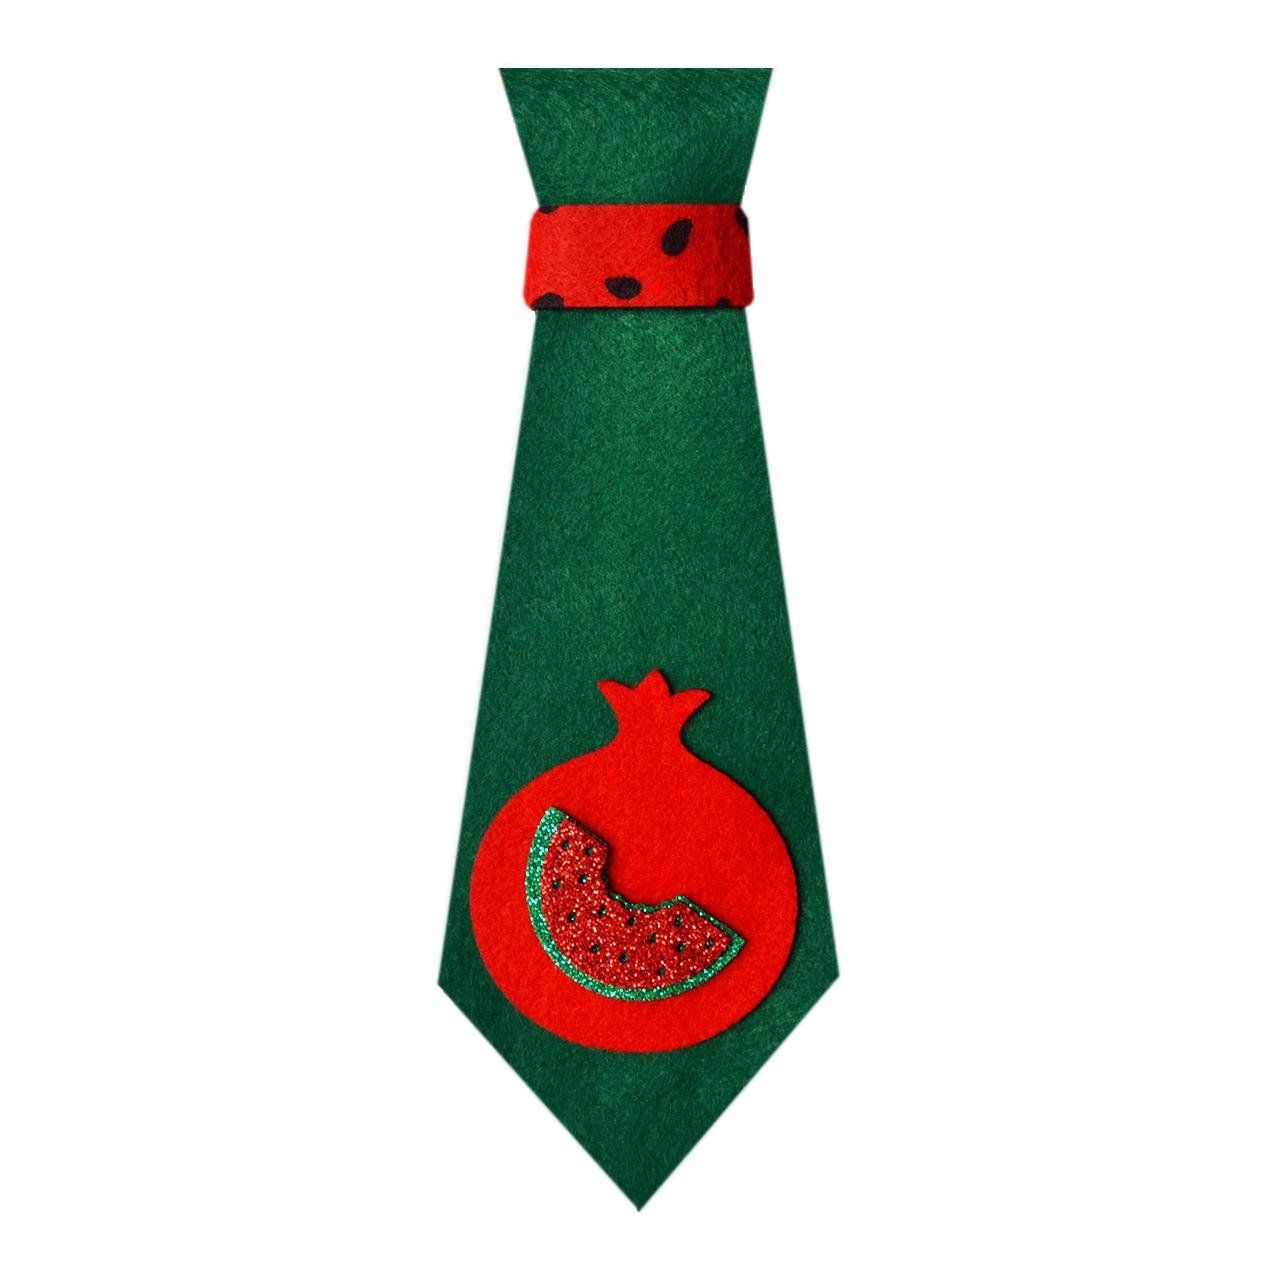 کراوات زنانه مدل یلدا کد 22